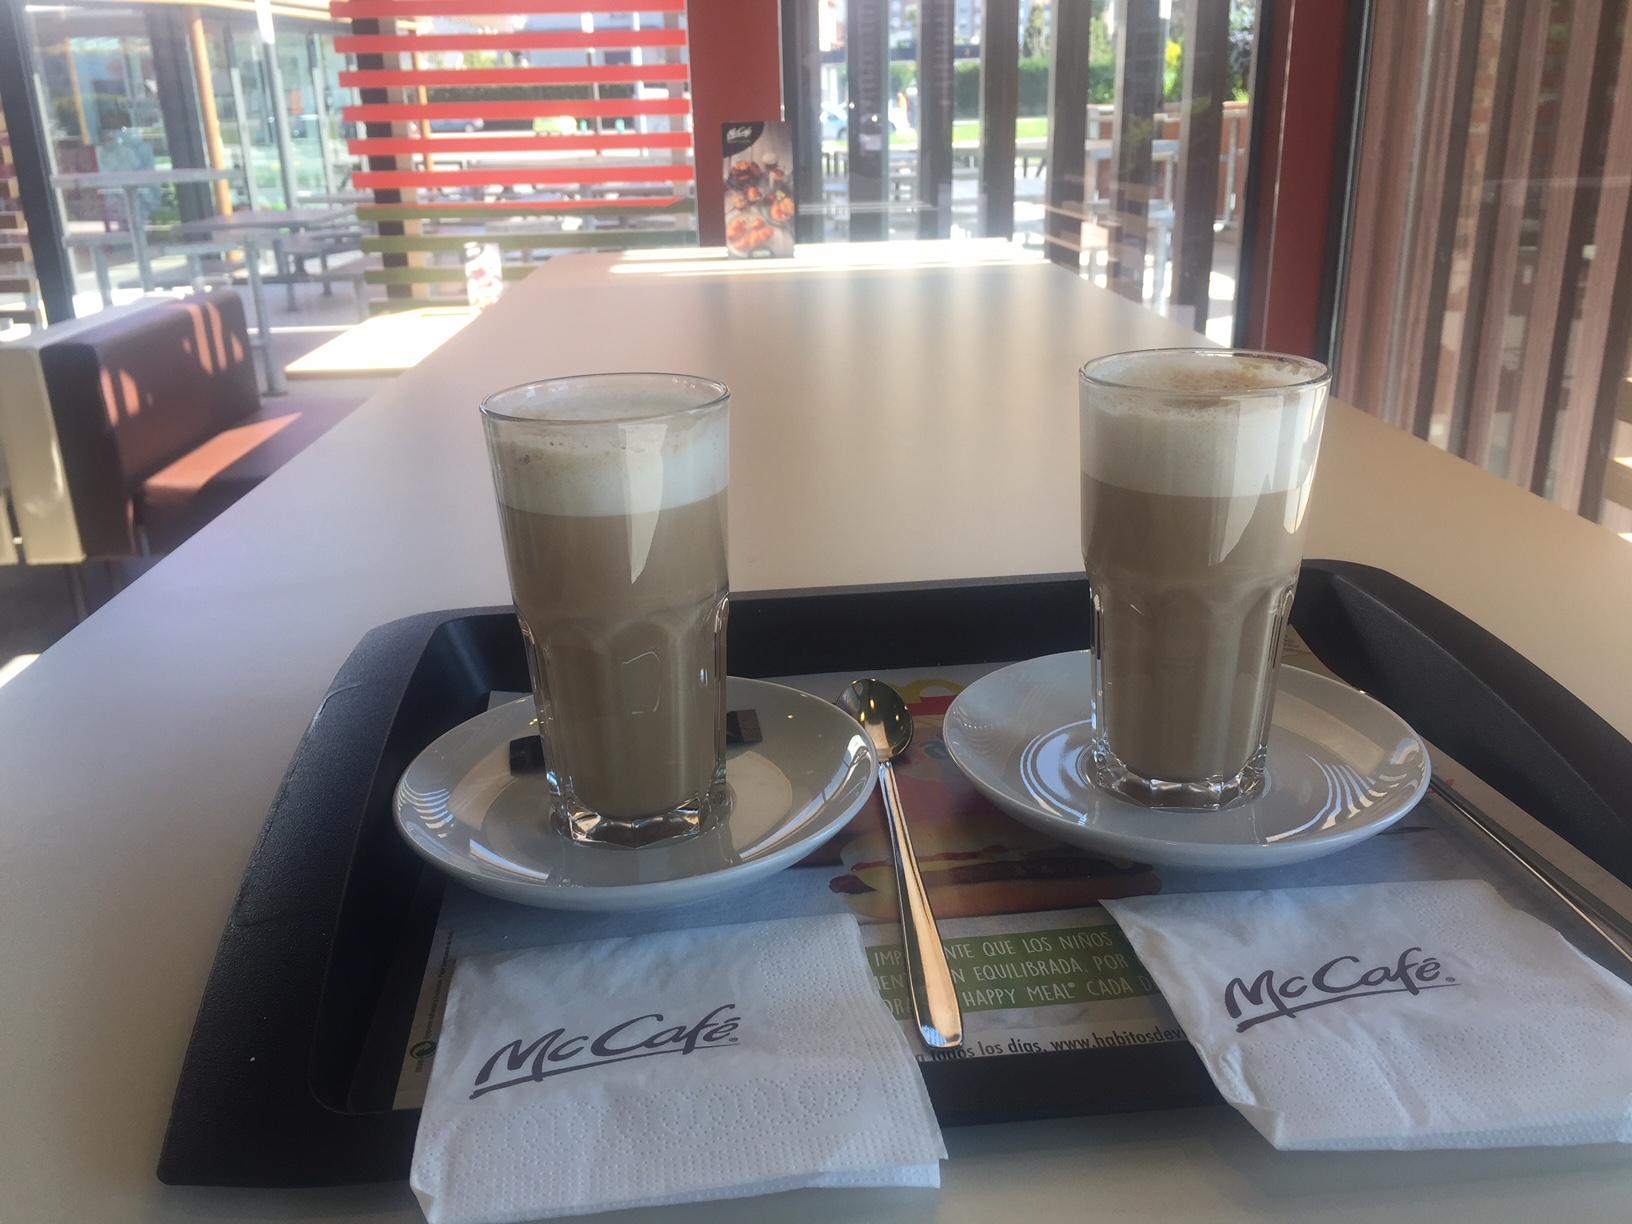 McDonalds Ponferrada incorpora a su oferta el concepto McCafe 2